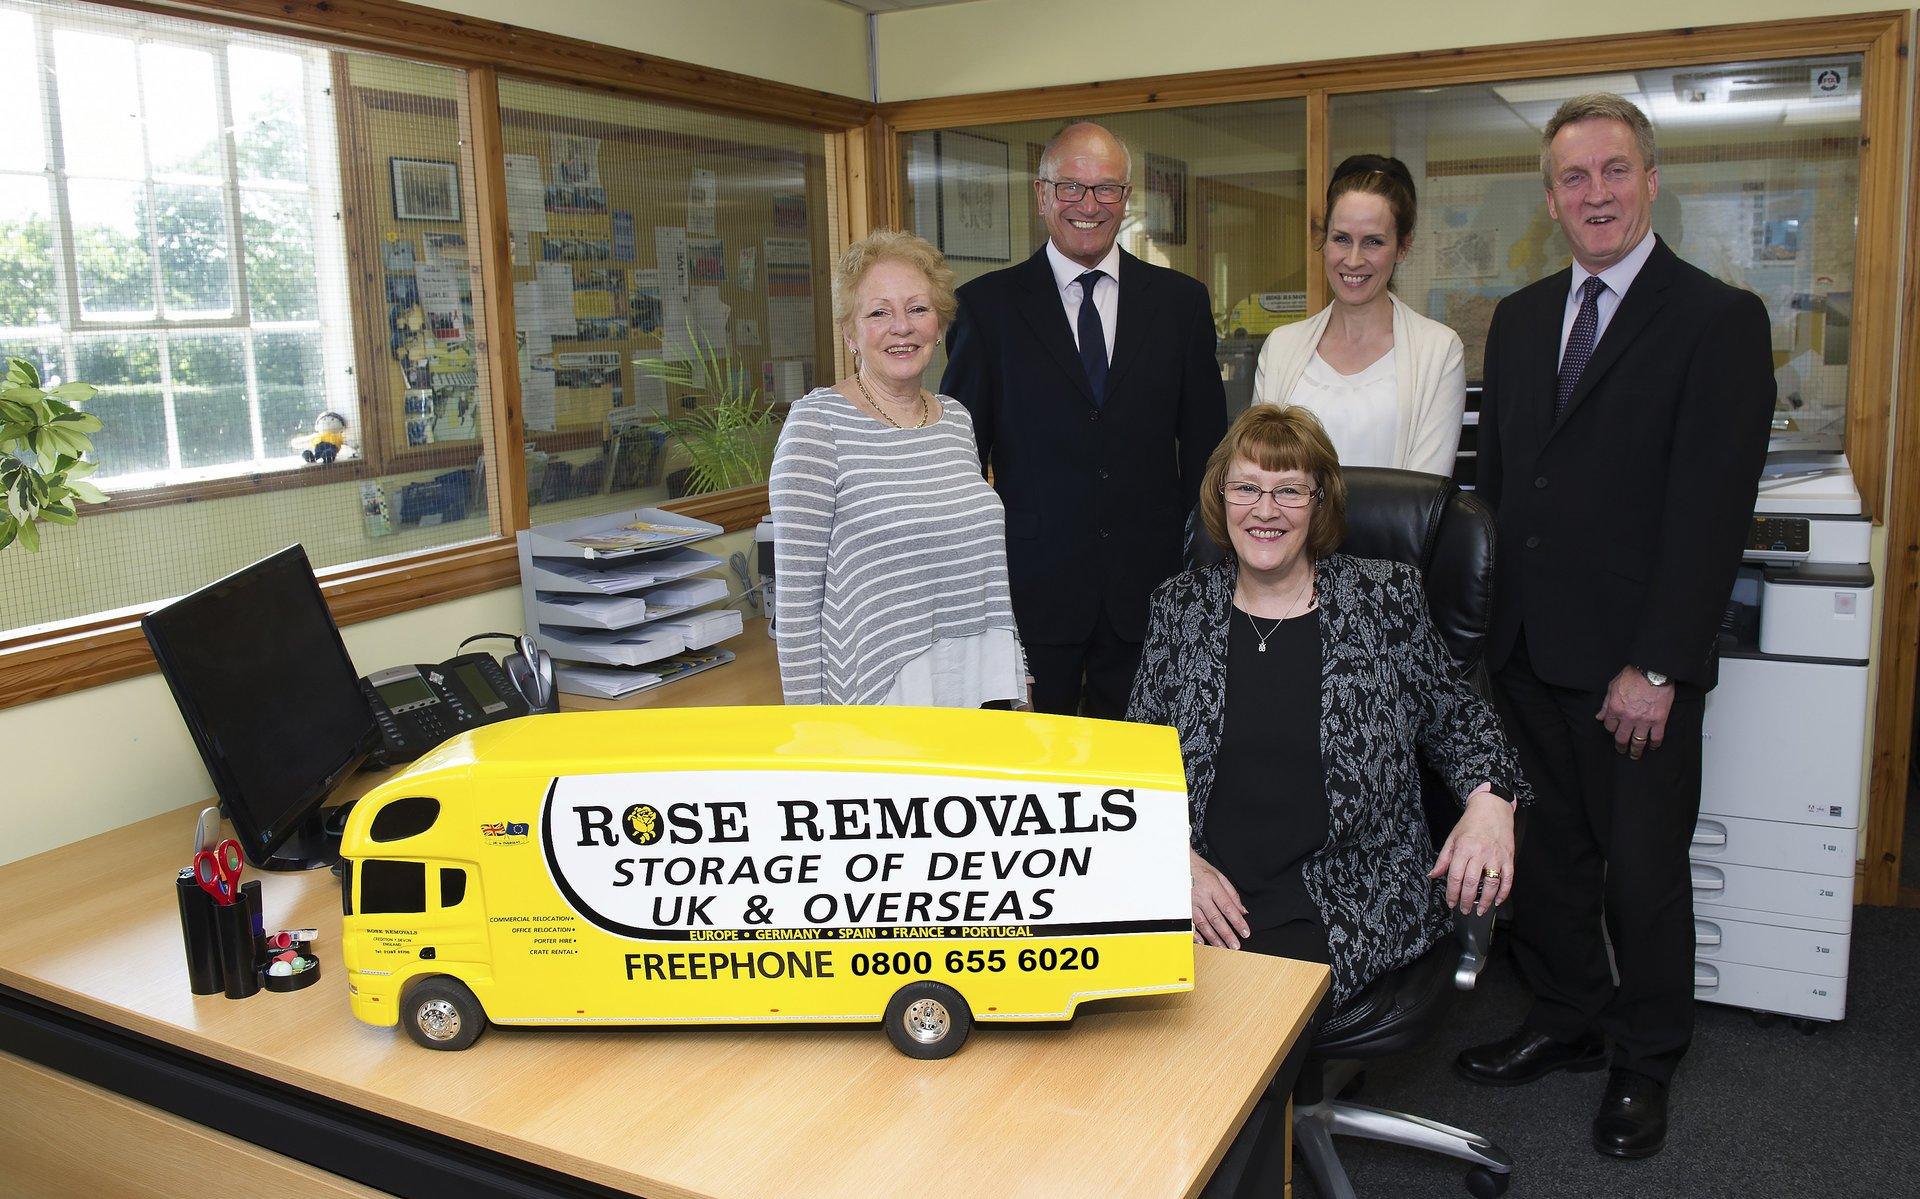 Team - Rose Removals and Storage of Devon